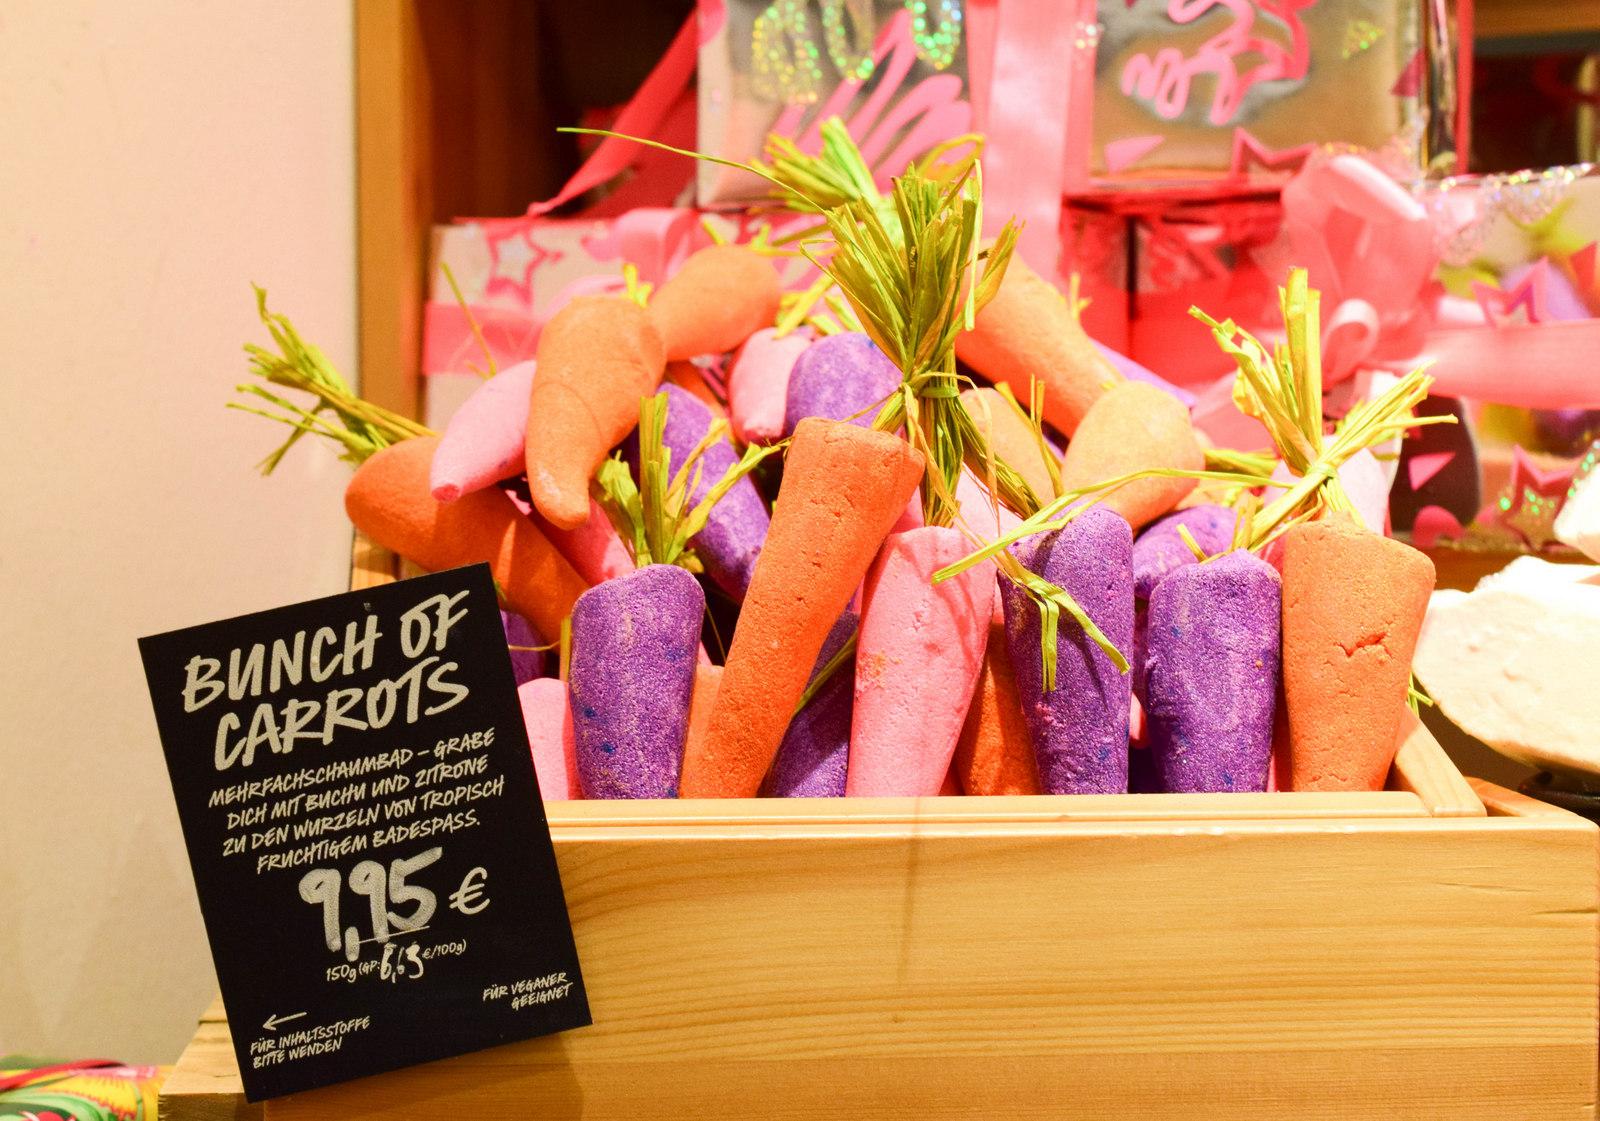 Bunch Of Carrots darf auch 2016 bei Lush Ostern nicht fehlen. Das Mehrfachschaumbad kostet 9,95€.